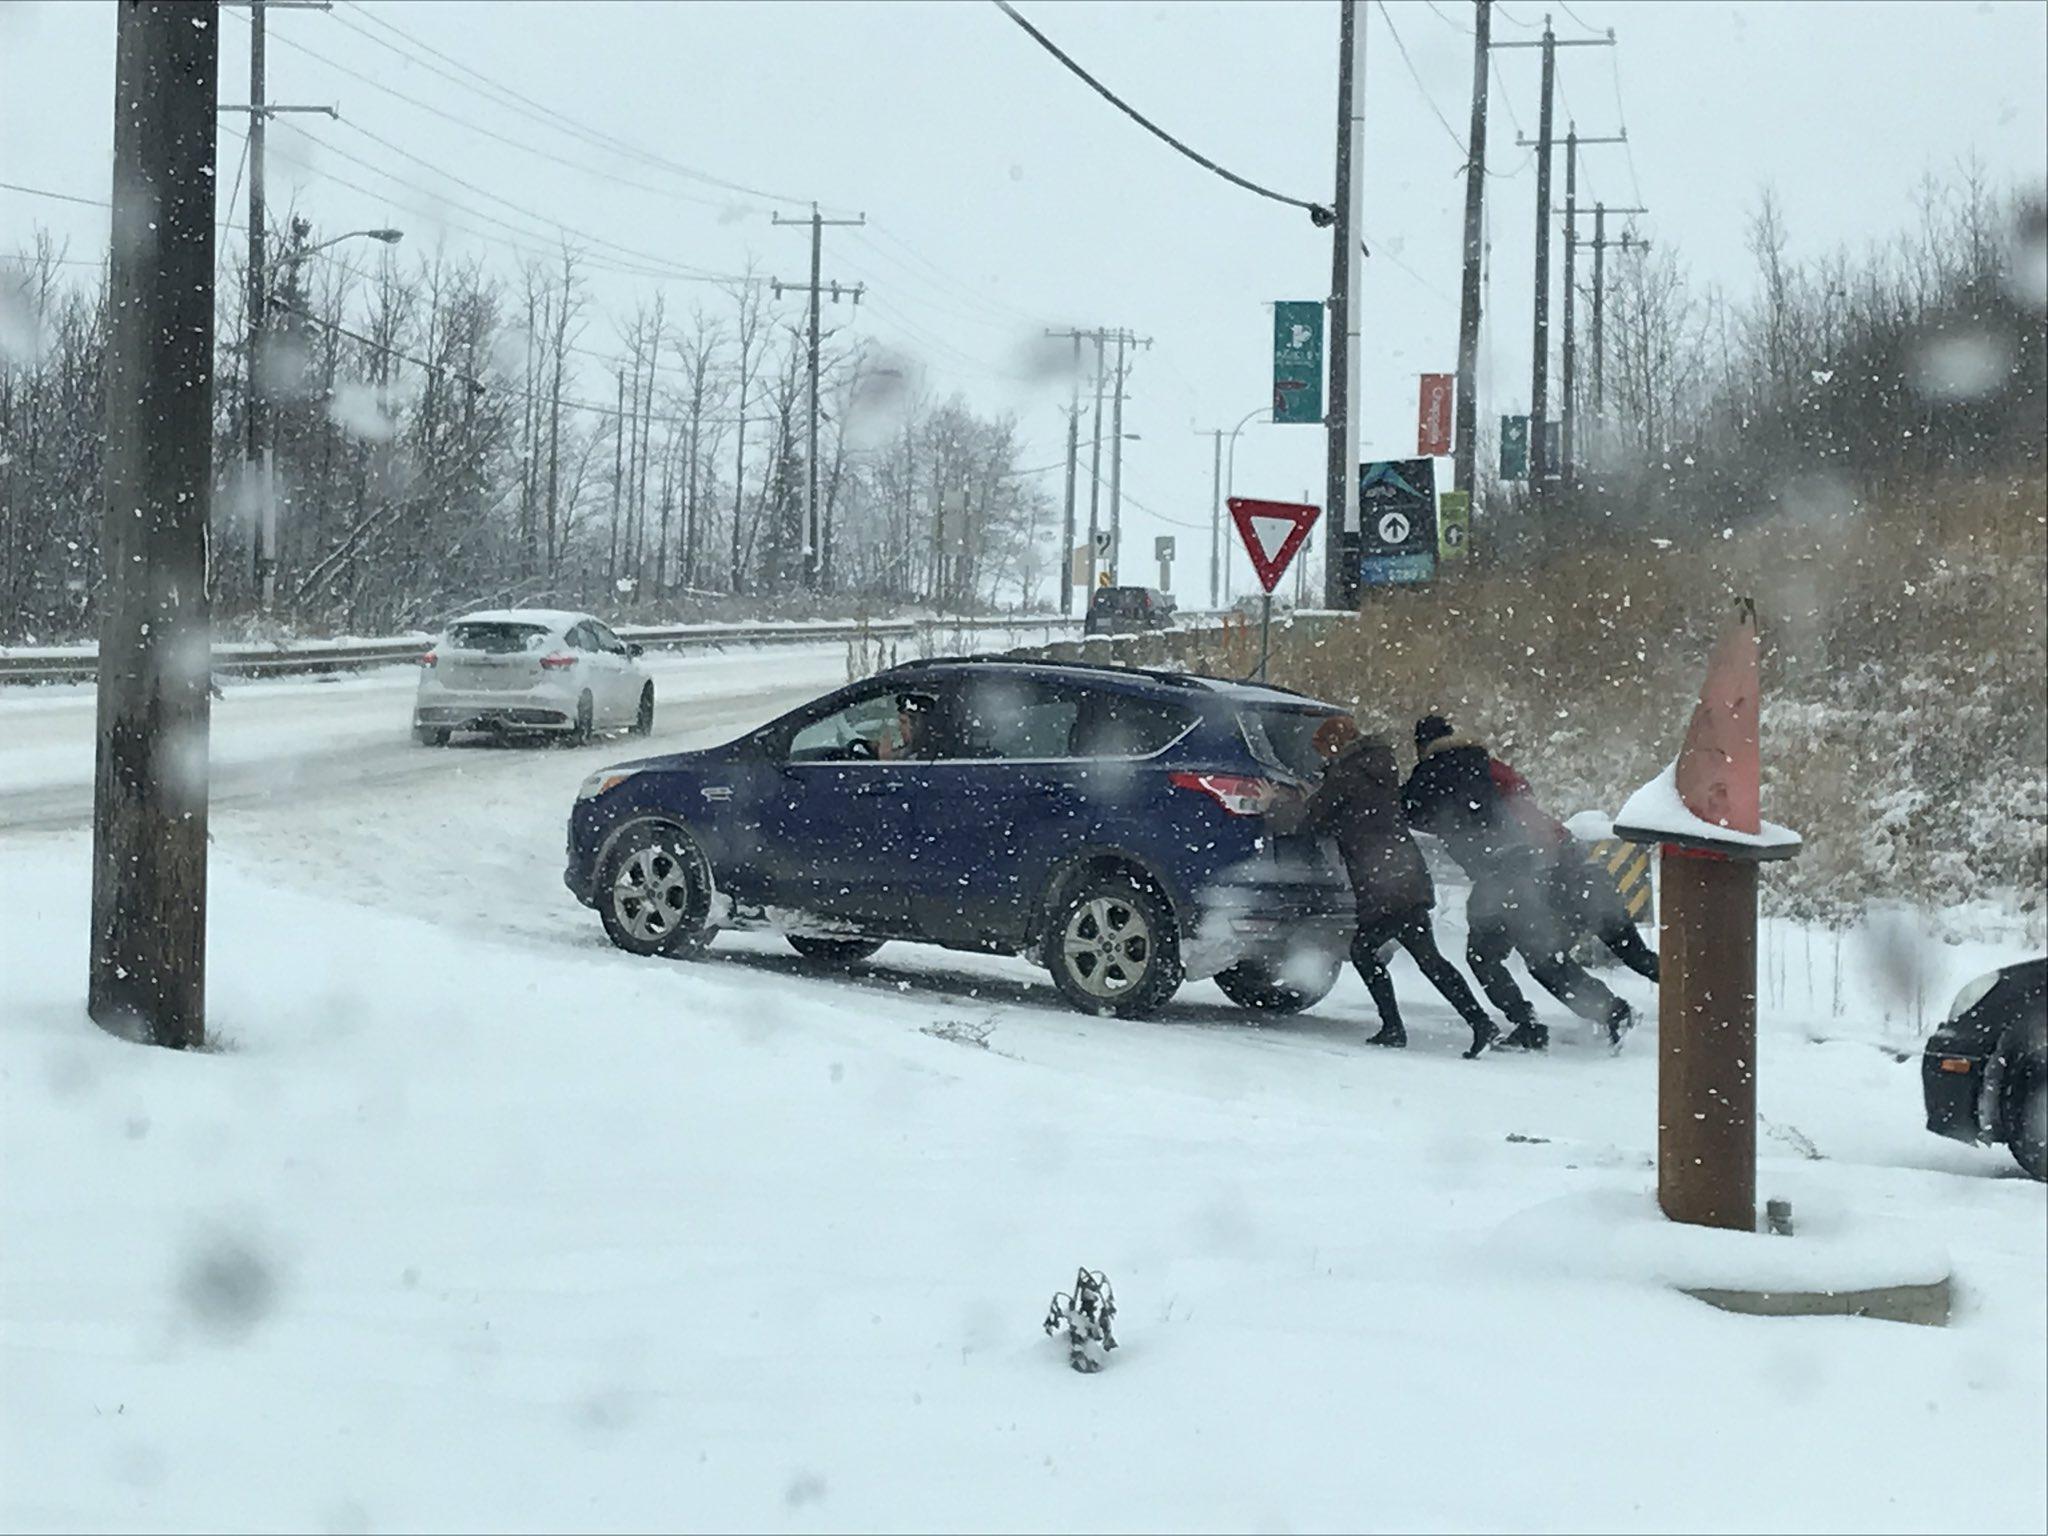 الإبلاغ عن 175 حادثاً في إدمونتون بسبب تساقط الثلوج